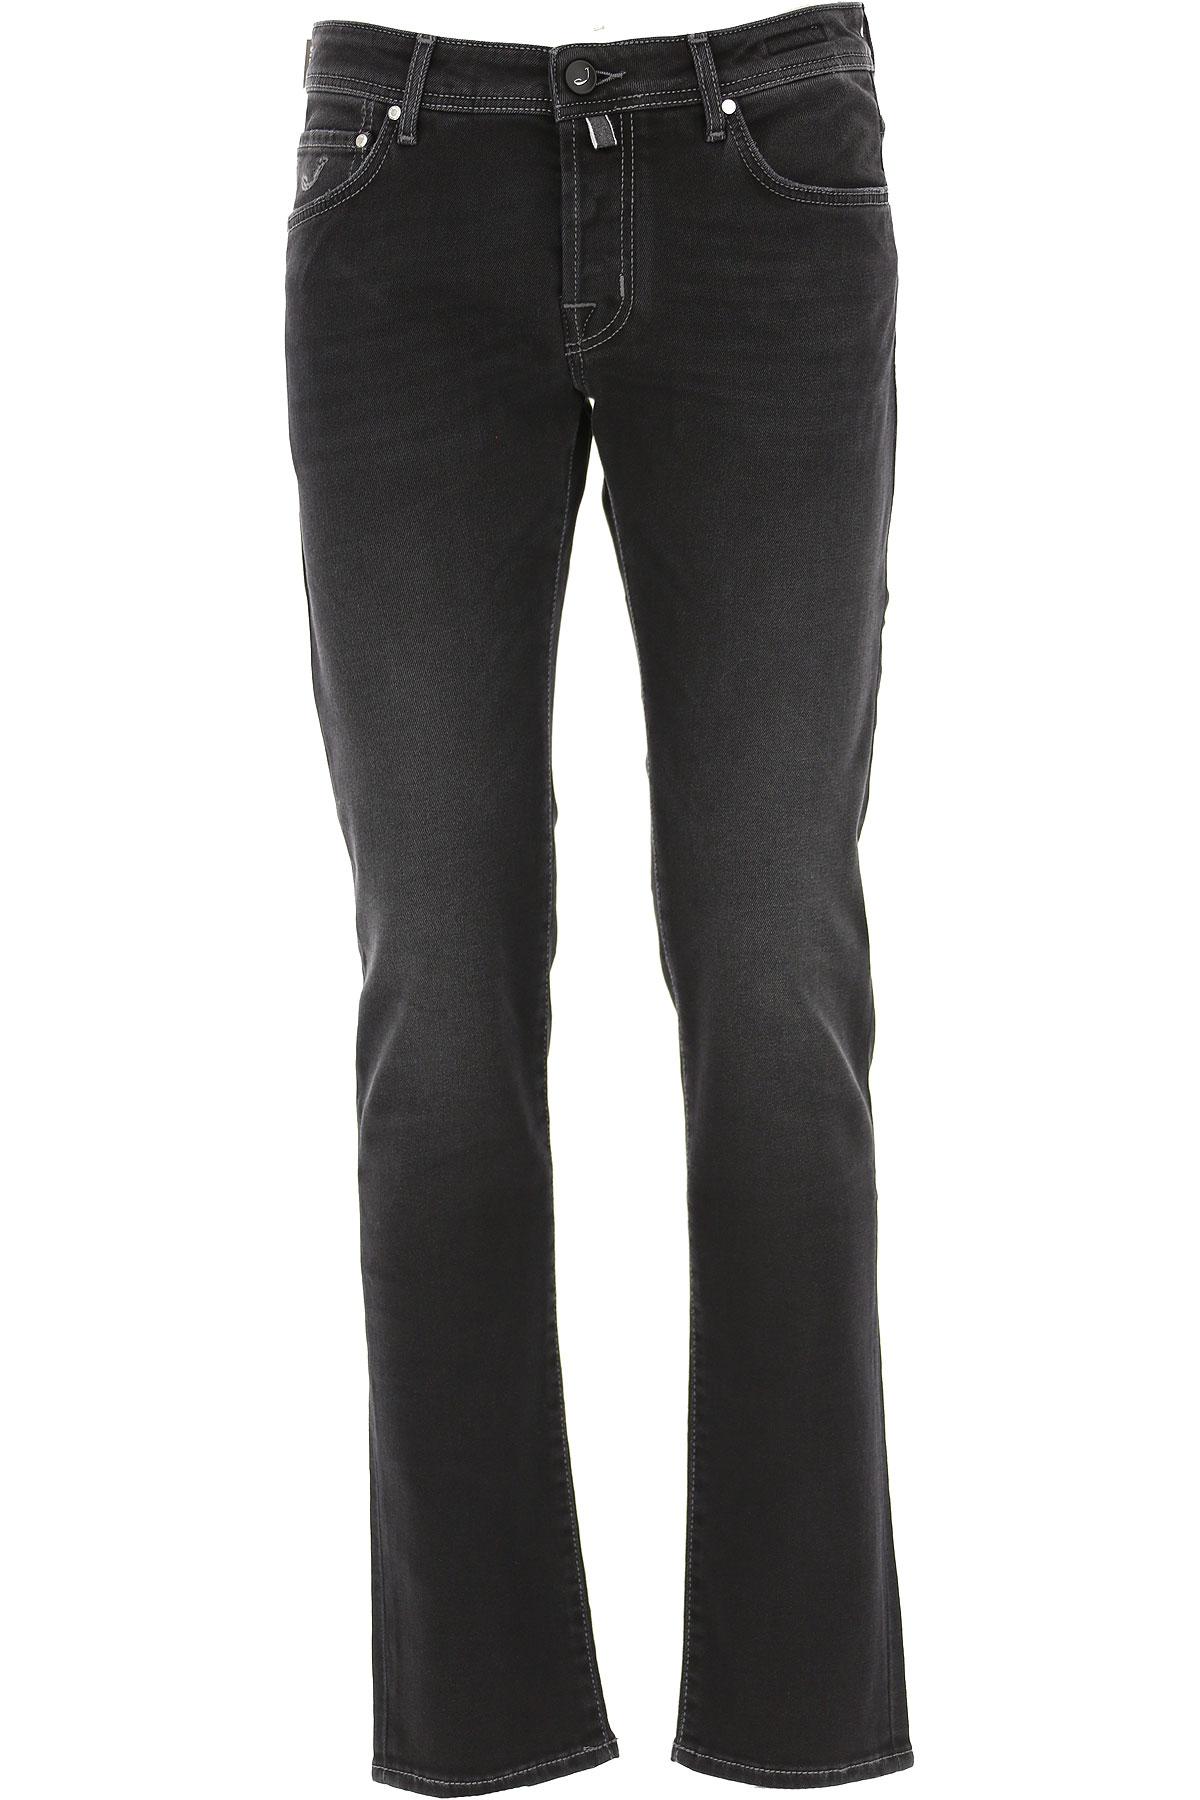 Jacob Cohen Jeans On Sale, Black, Cotton, 2019, 31 32 33 34 35